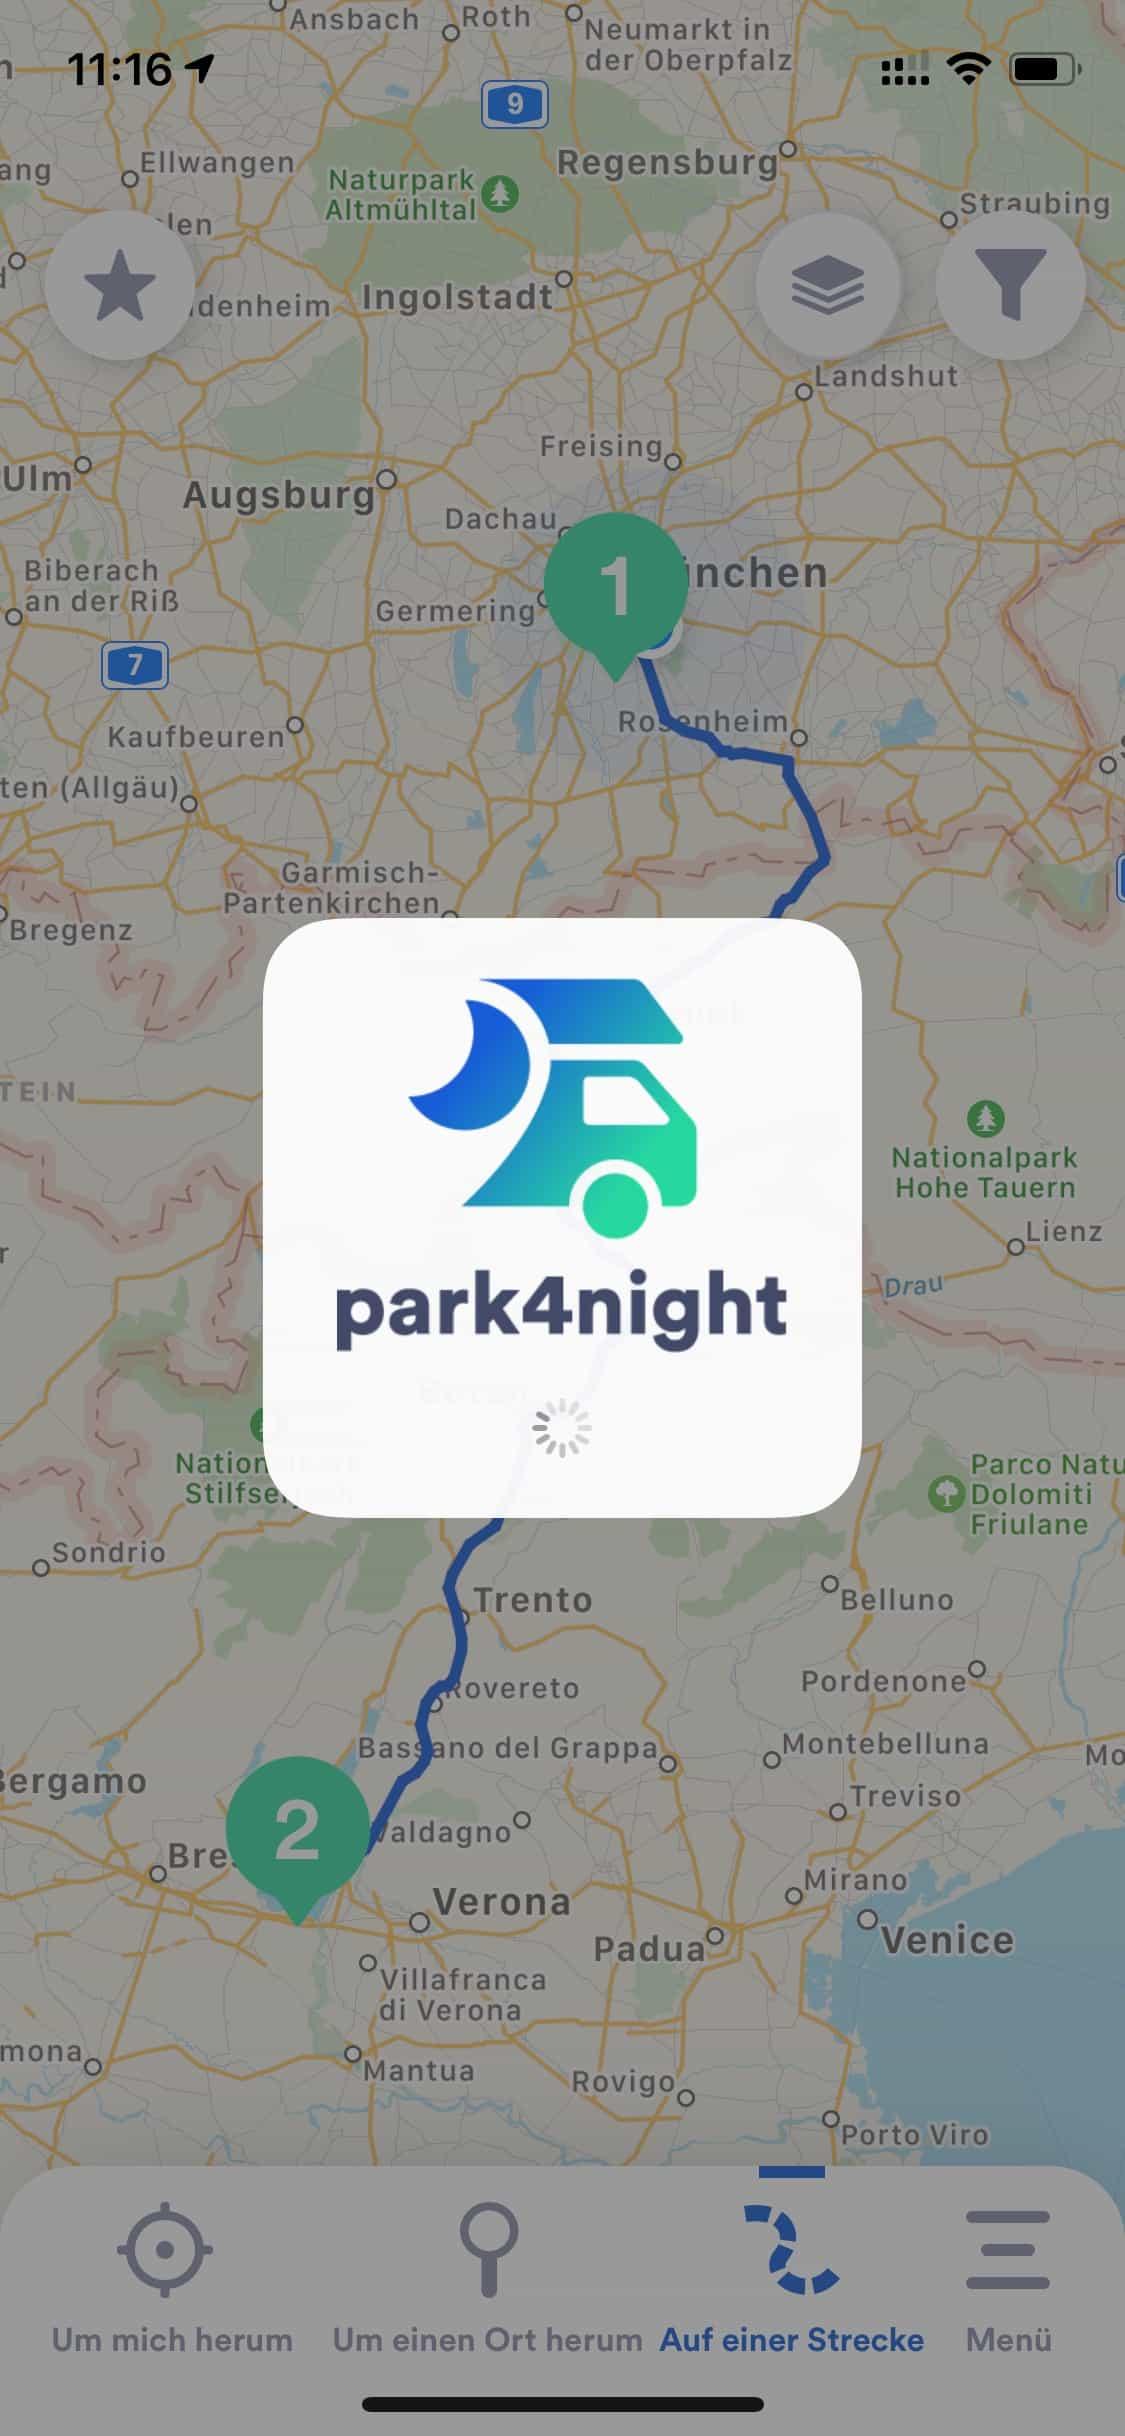 park4night-auf-der-strecke-filter-anwenden